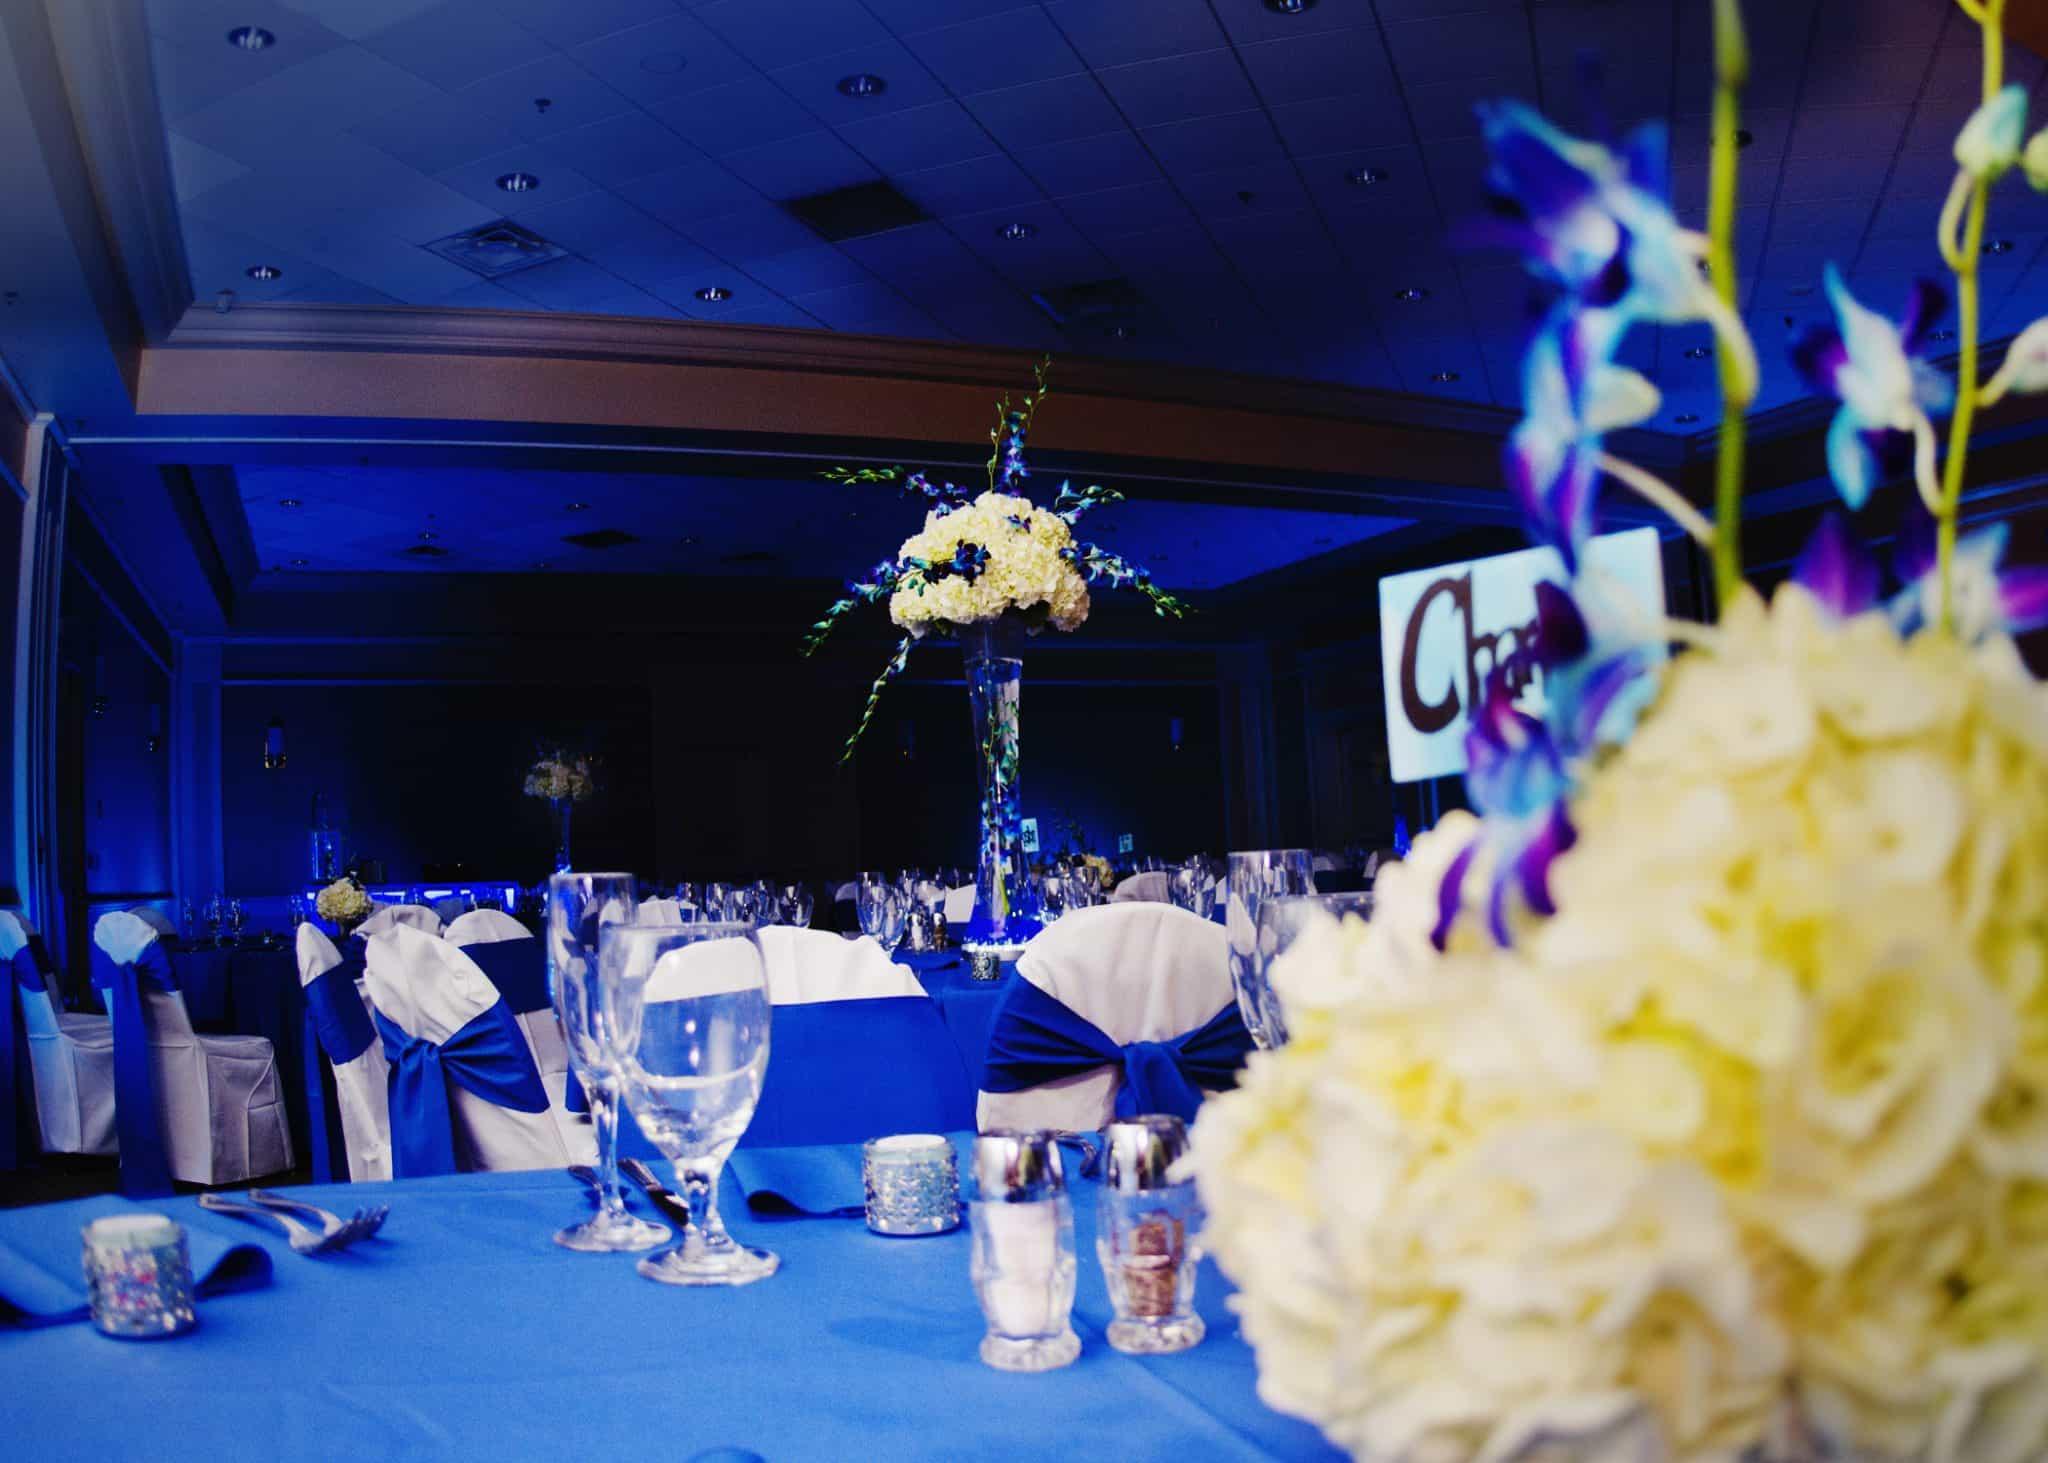 leu gardens orlando fl sapphire blue wedding uplighting blue wedding uplighting